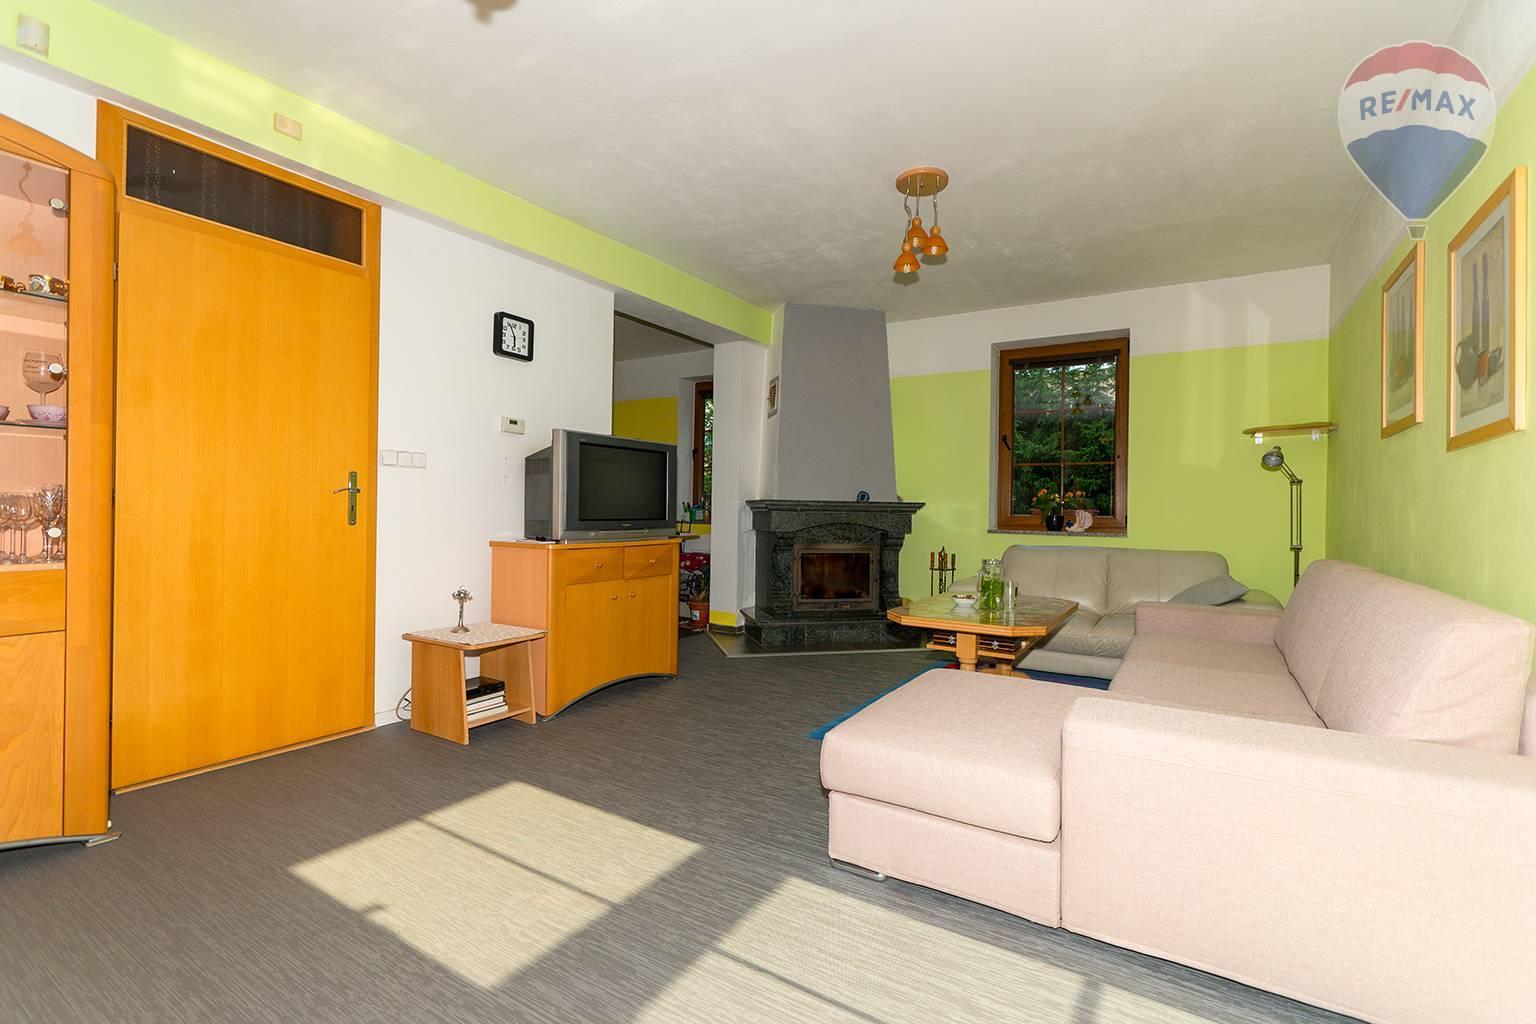 Predaj domu 136 m2, Liptovský Mikuláš - spoločenská miestnosť s krbom